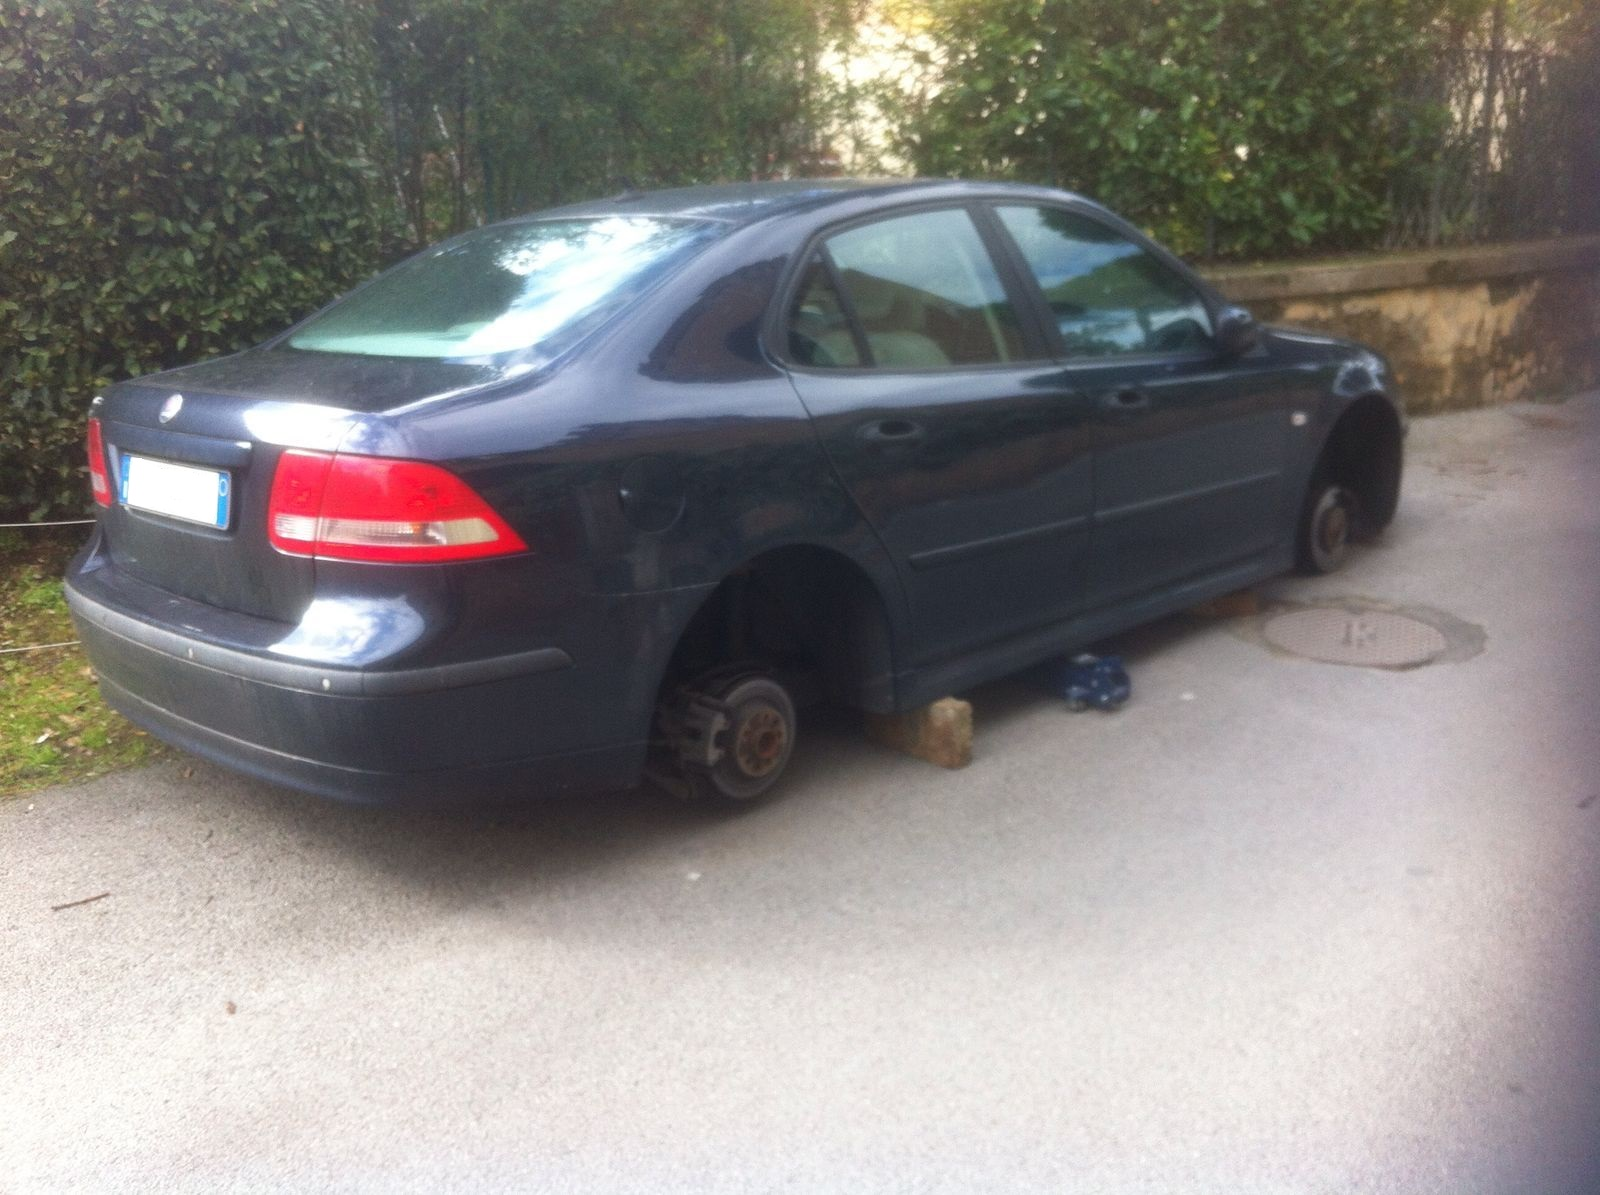 Rubano quattro gomme ad auto parcheggiata